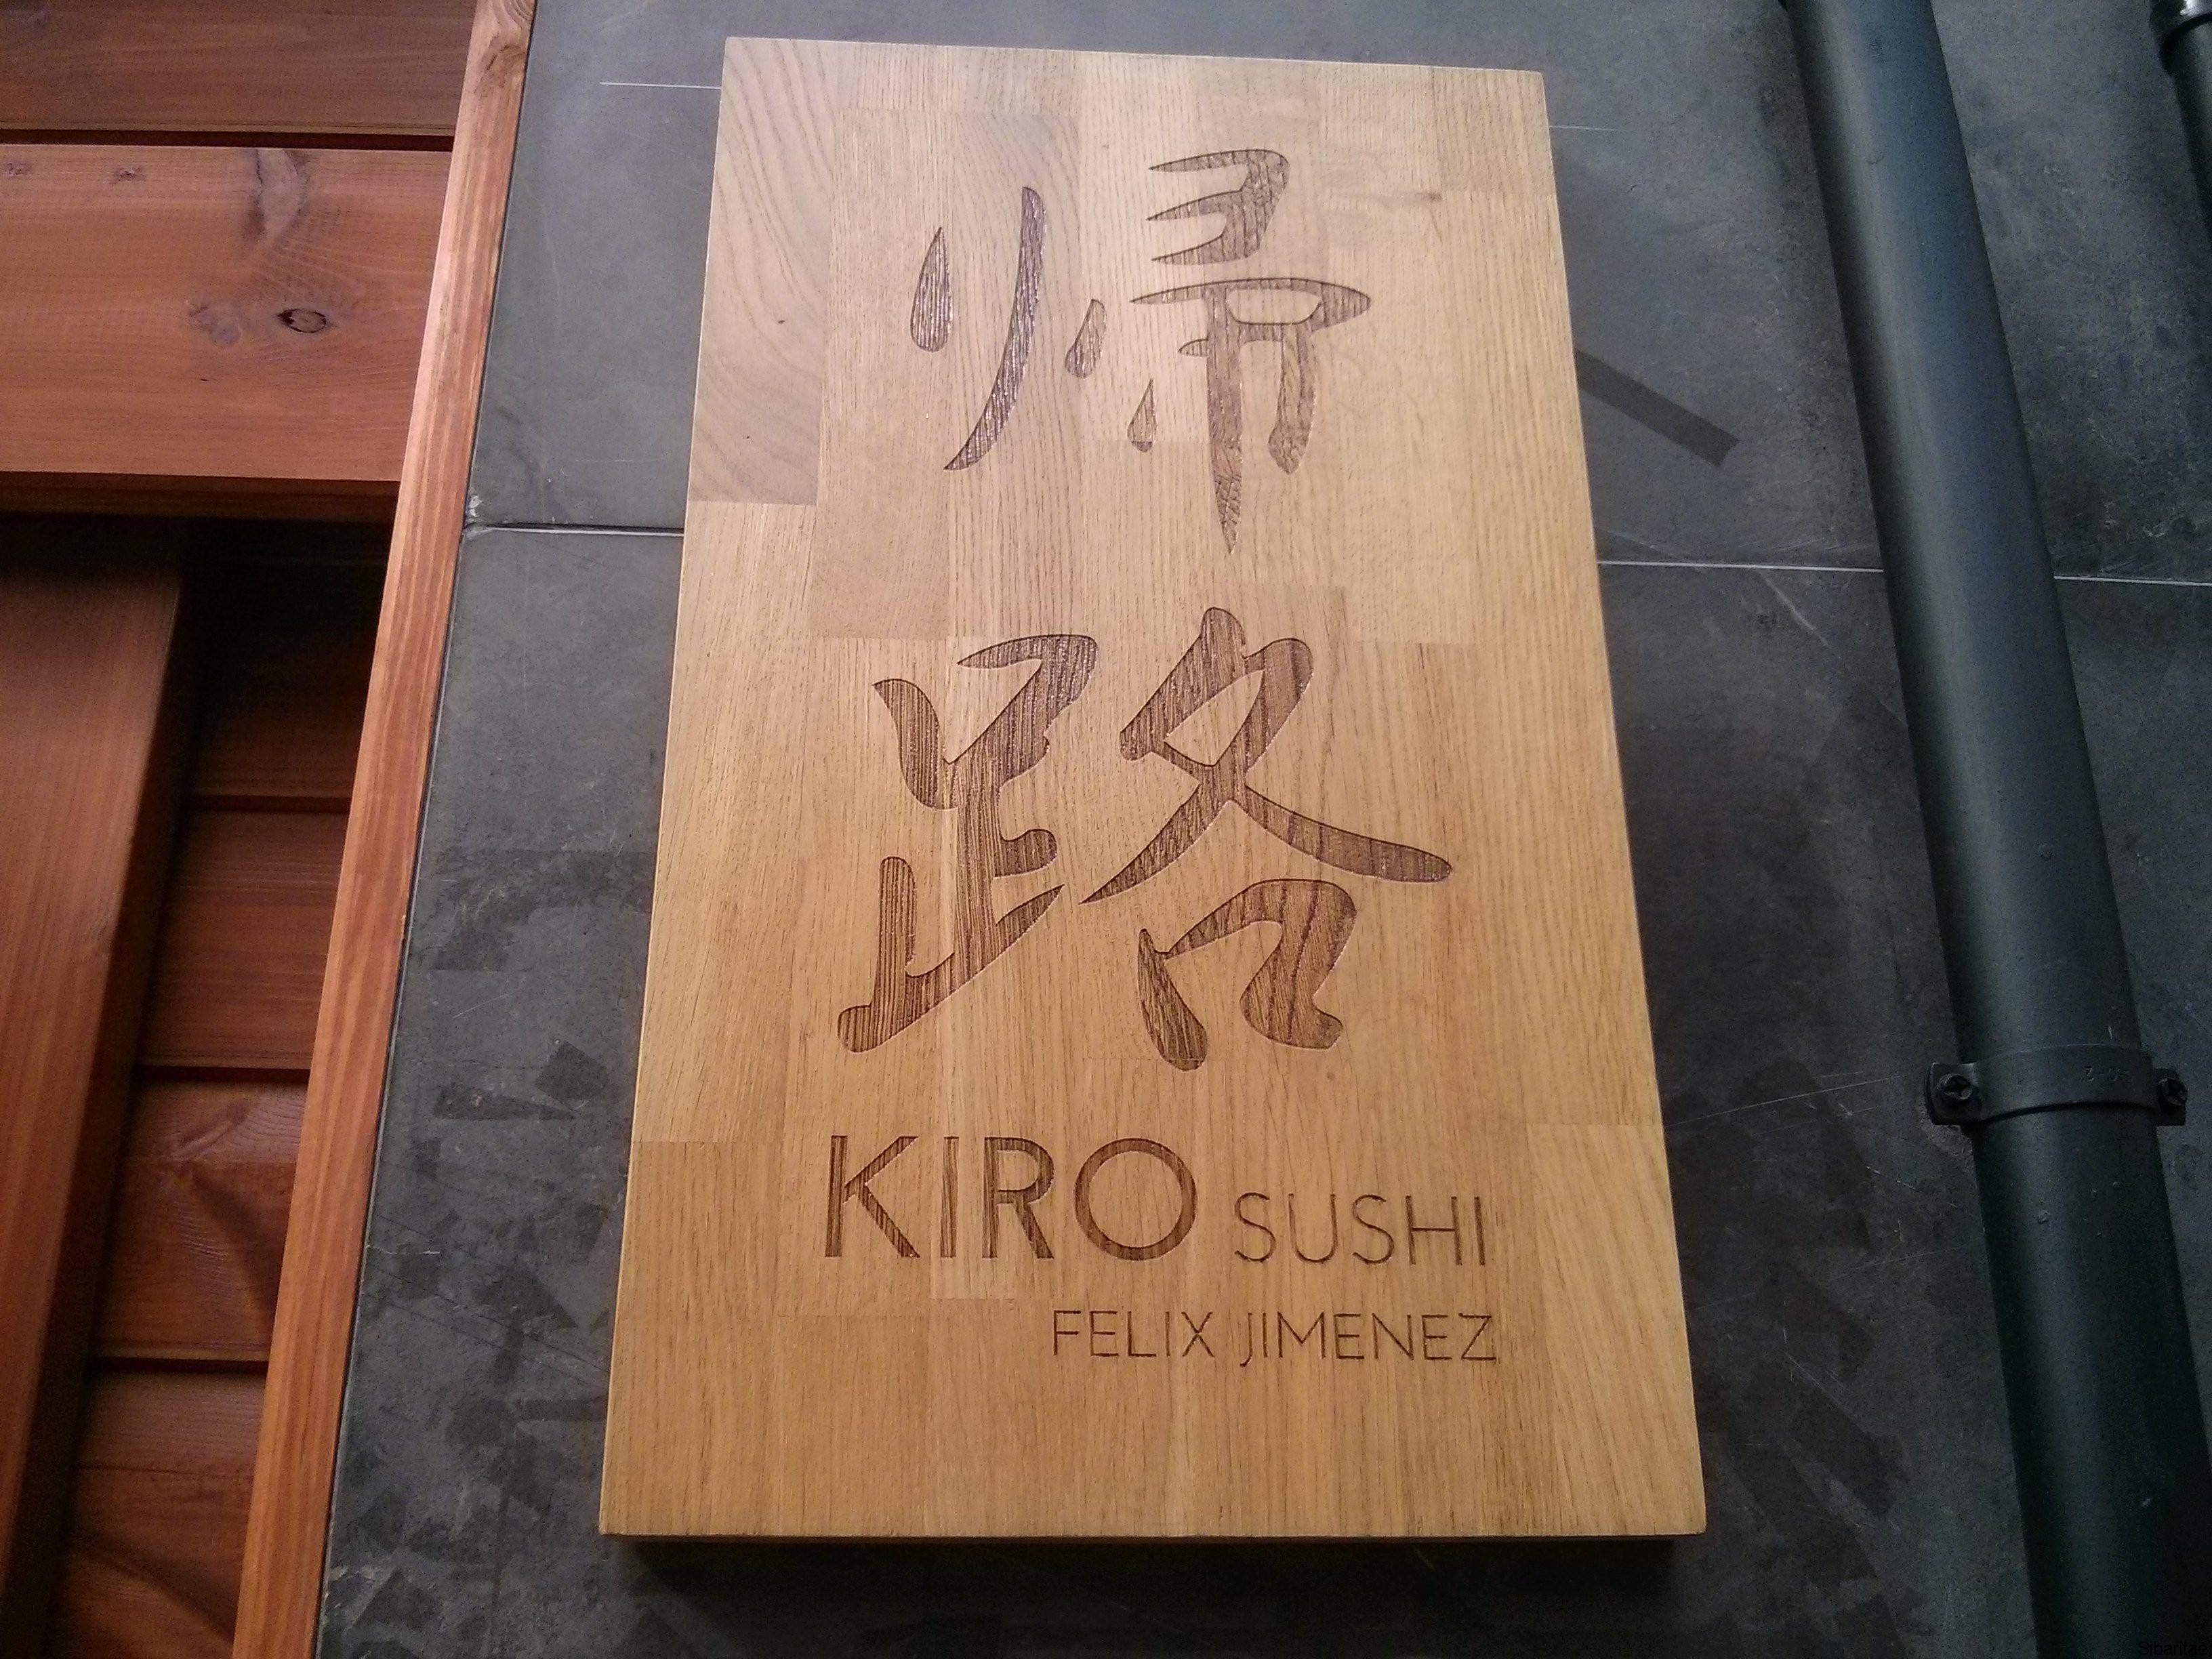 Cartel Kiro